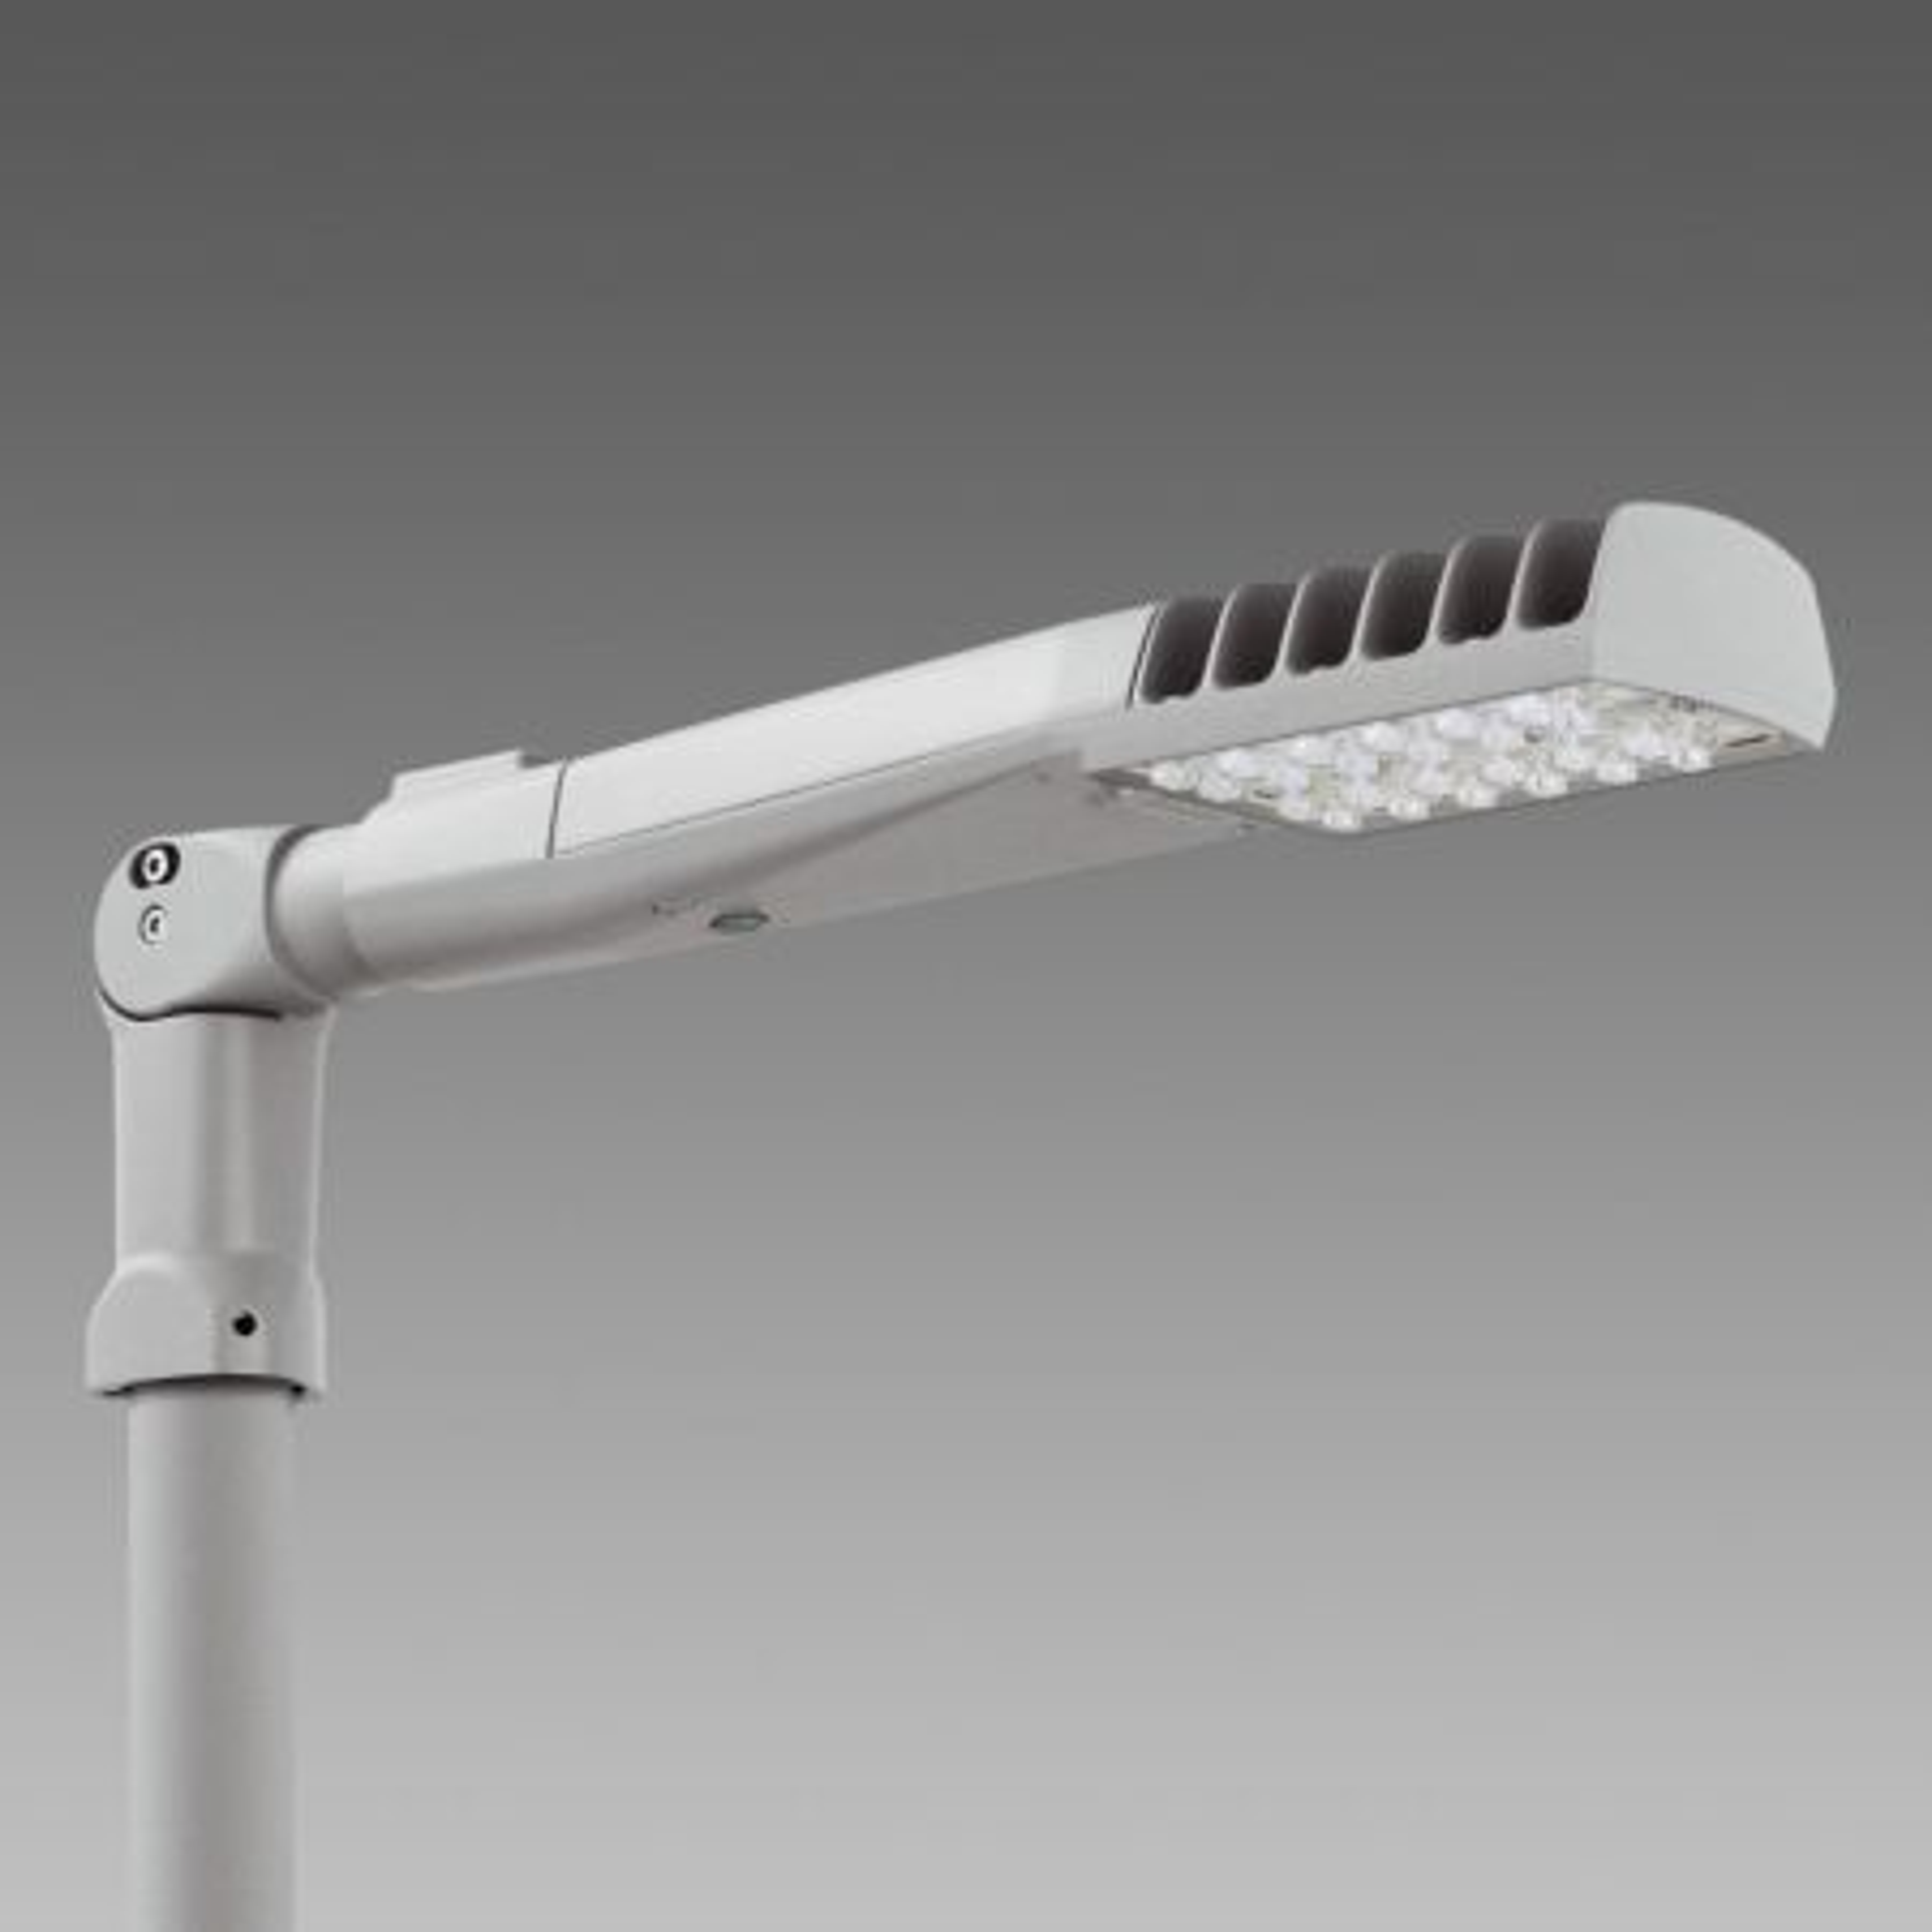 DISANO Svítidlo LED SUSA 3381 40W 4000K IP66 šedá